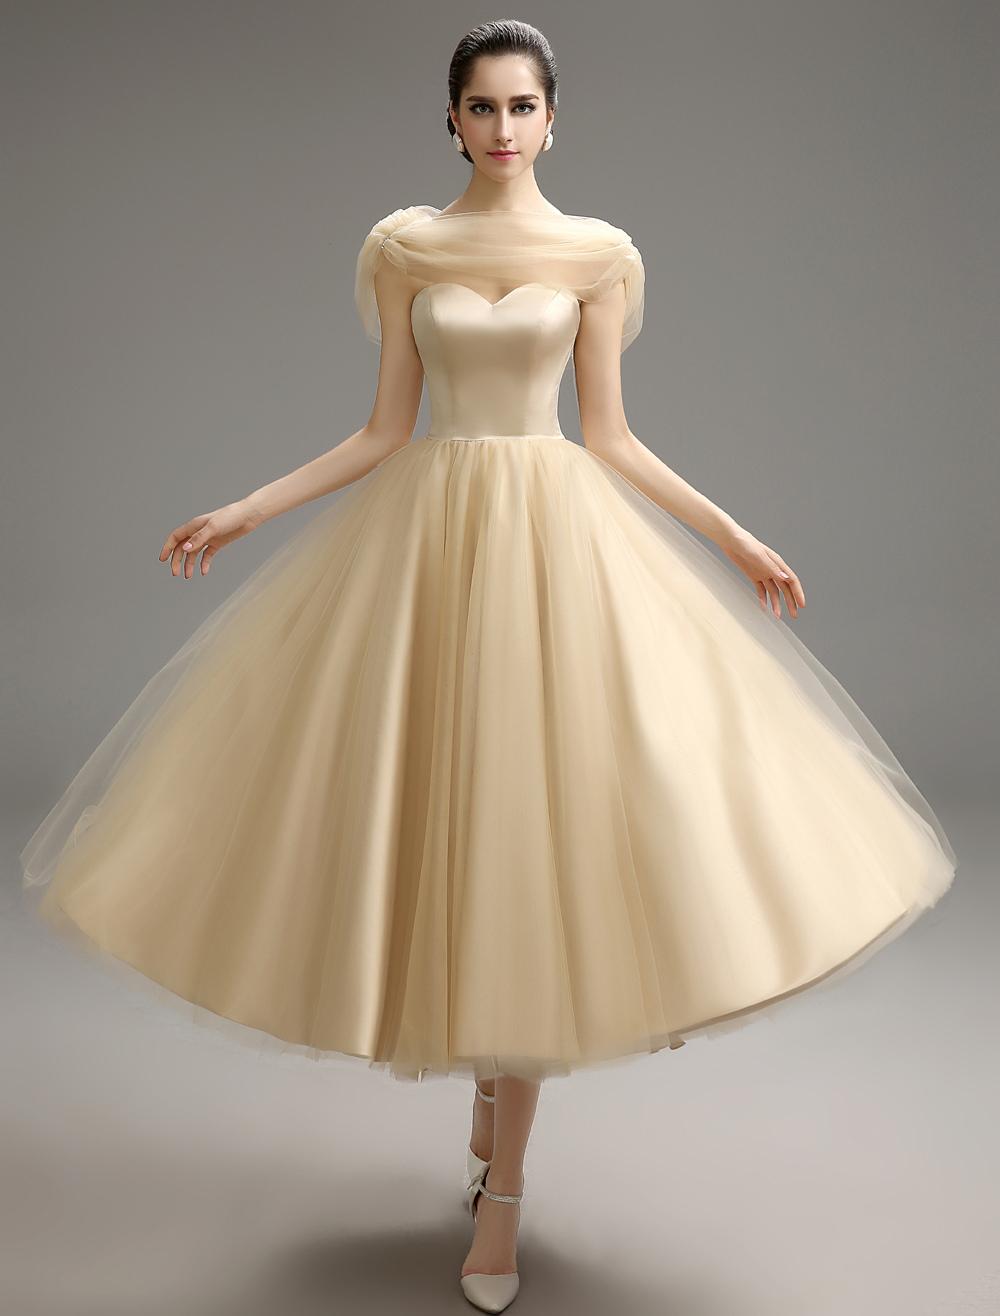 Vintage A-line Tea-Length Bridesmaid Dress with Beaded Satin